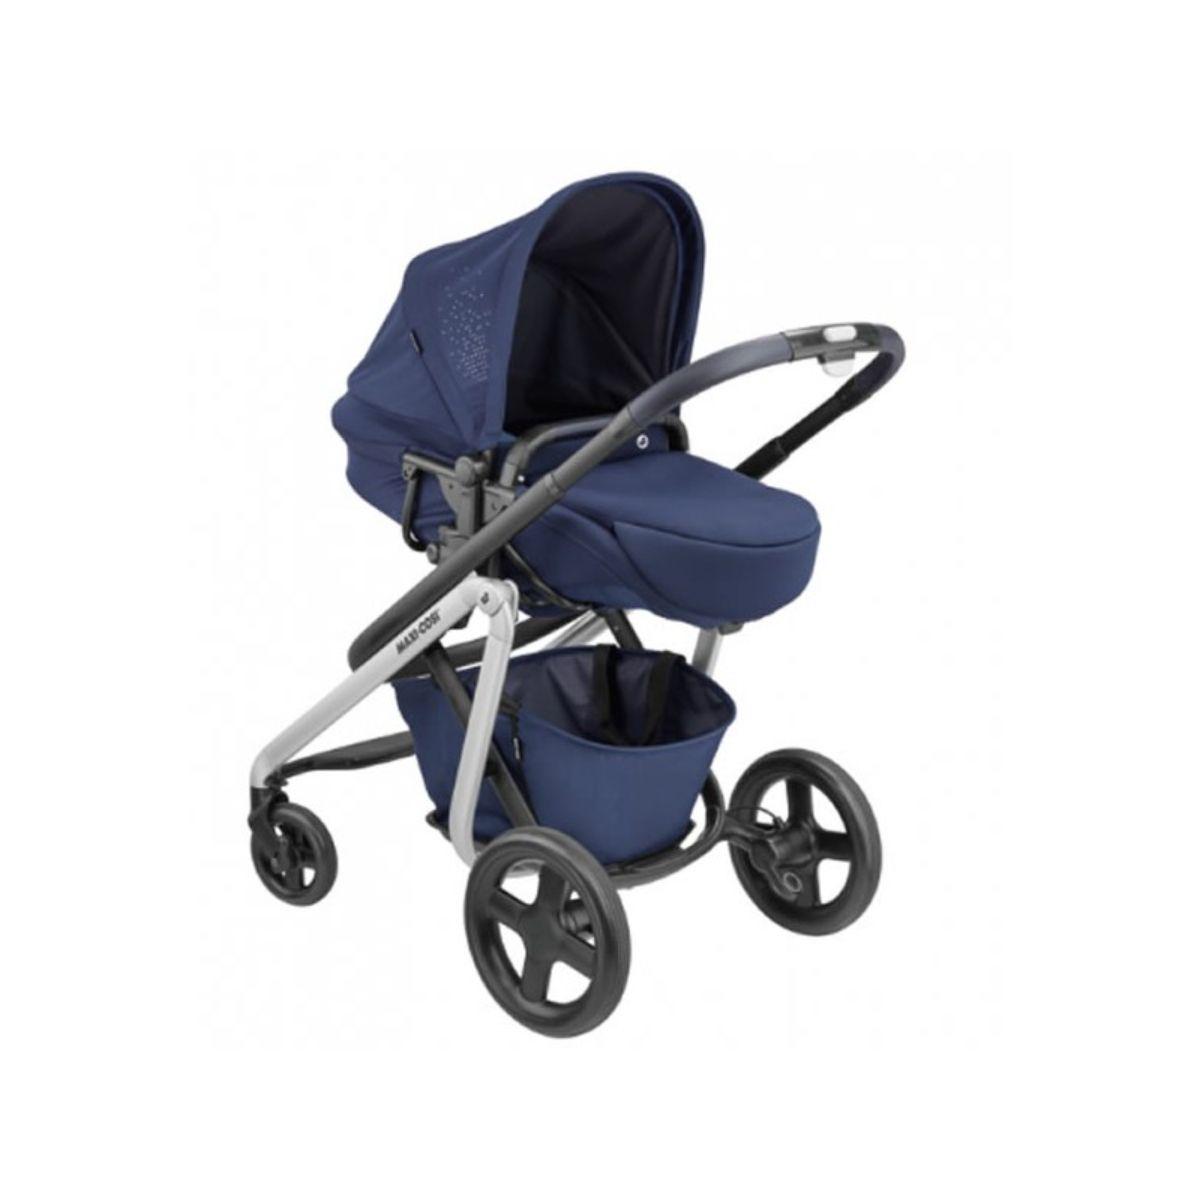 Carucior Sport Maxi-Cosi Lila Nomad, Blue